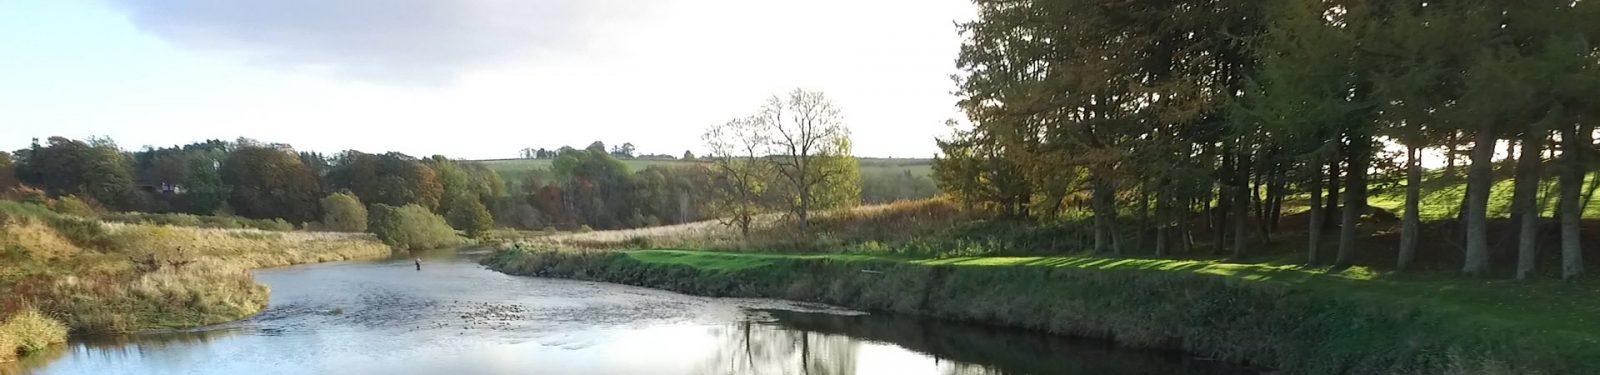 deveron-landscape